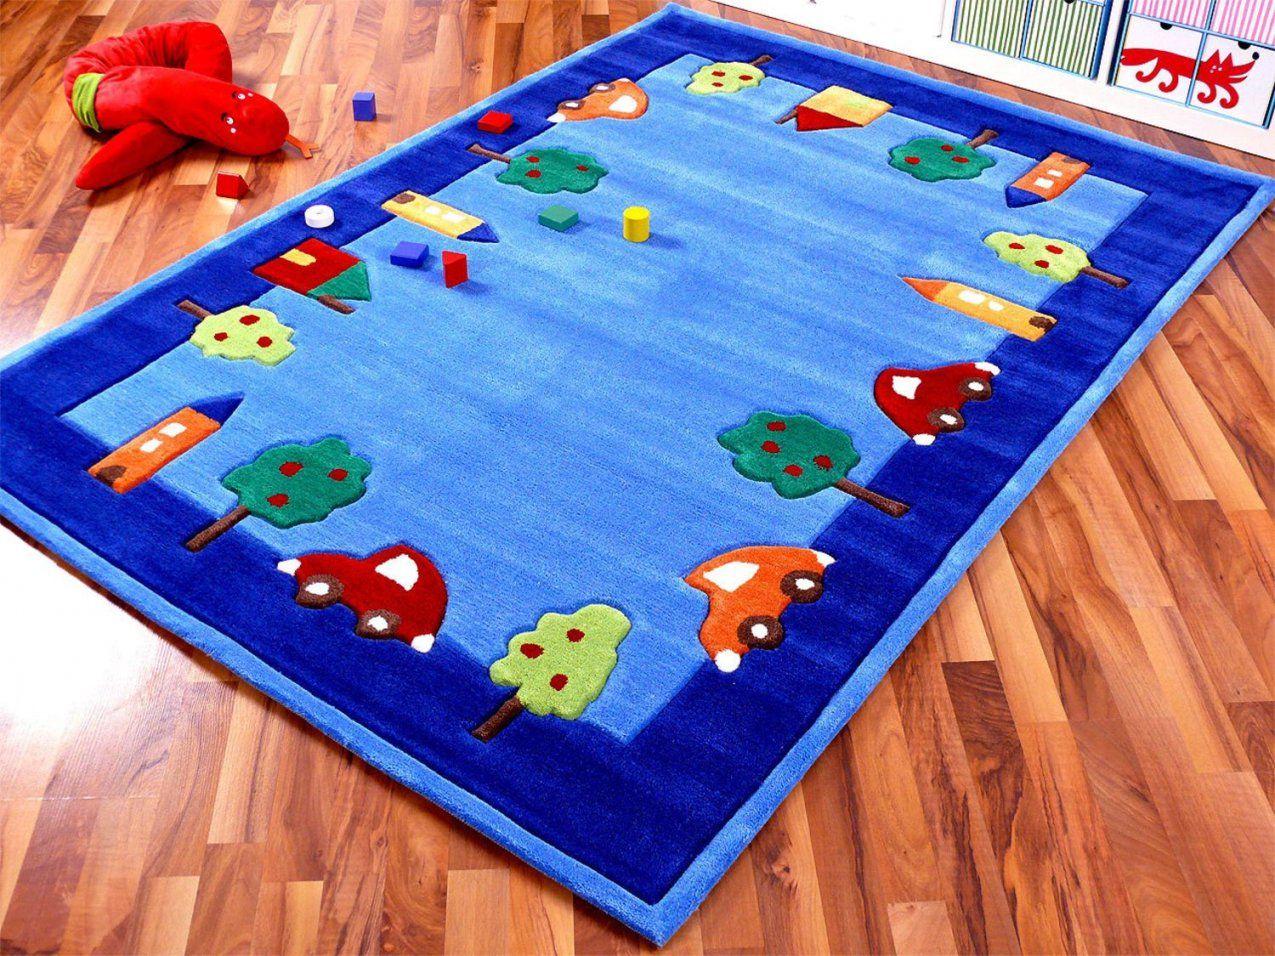 Wunderschöne Ideen Kinderzimmer Teppich Haba Und Schöne Nett von Kinderzimmer Teppich Für Jungs Photo